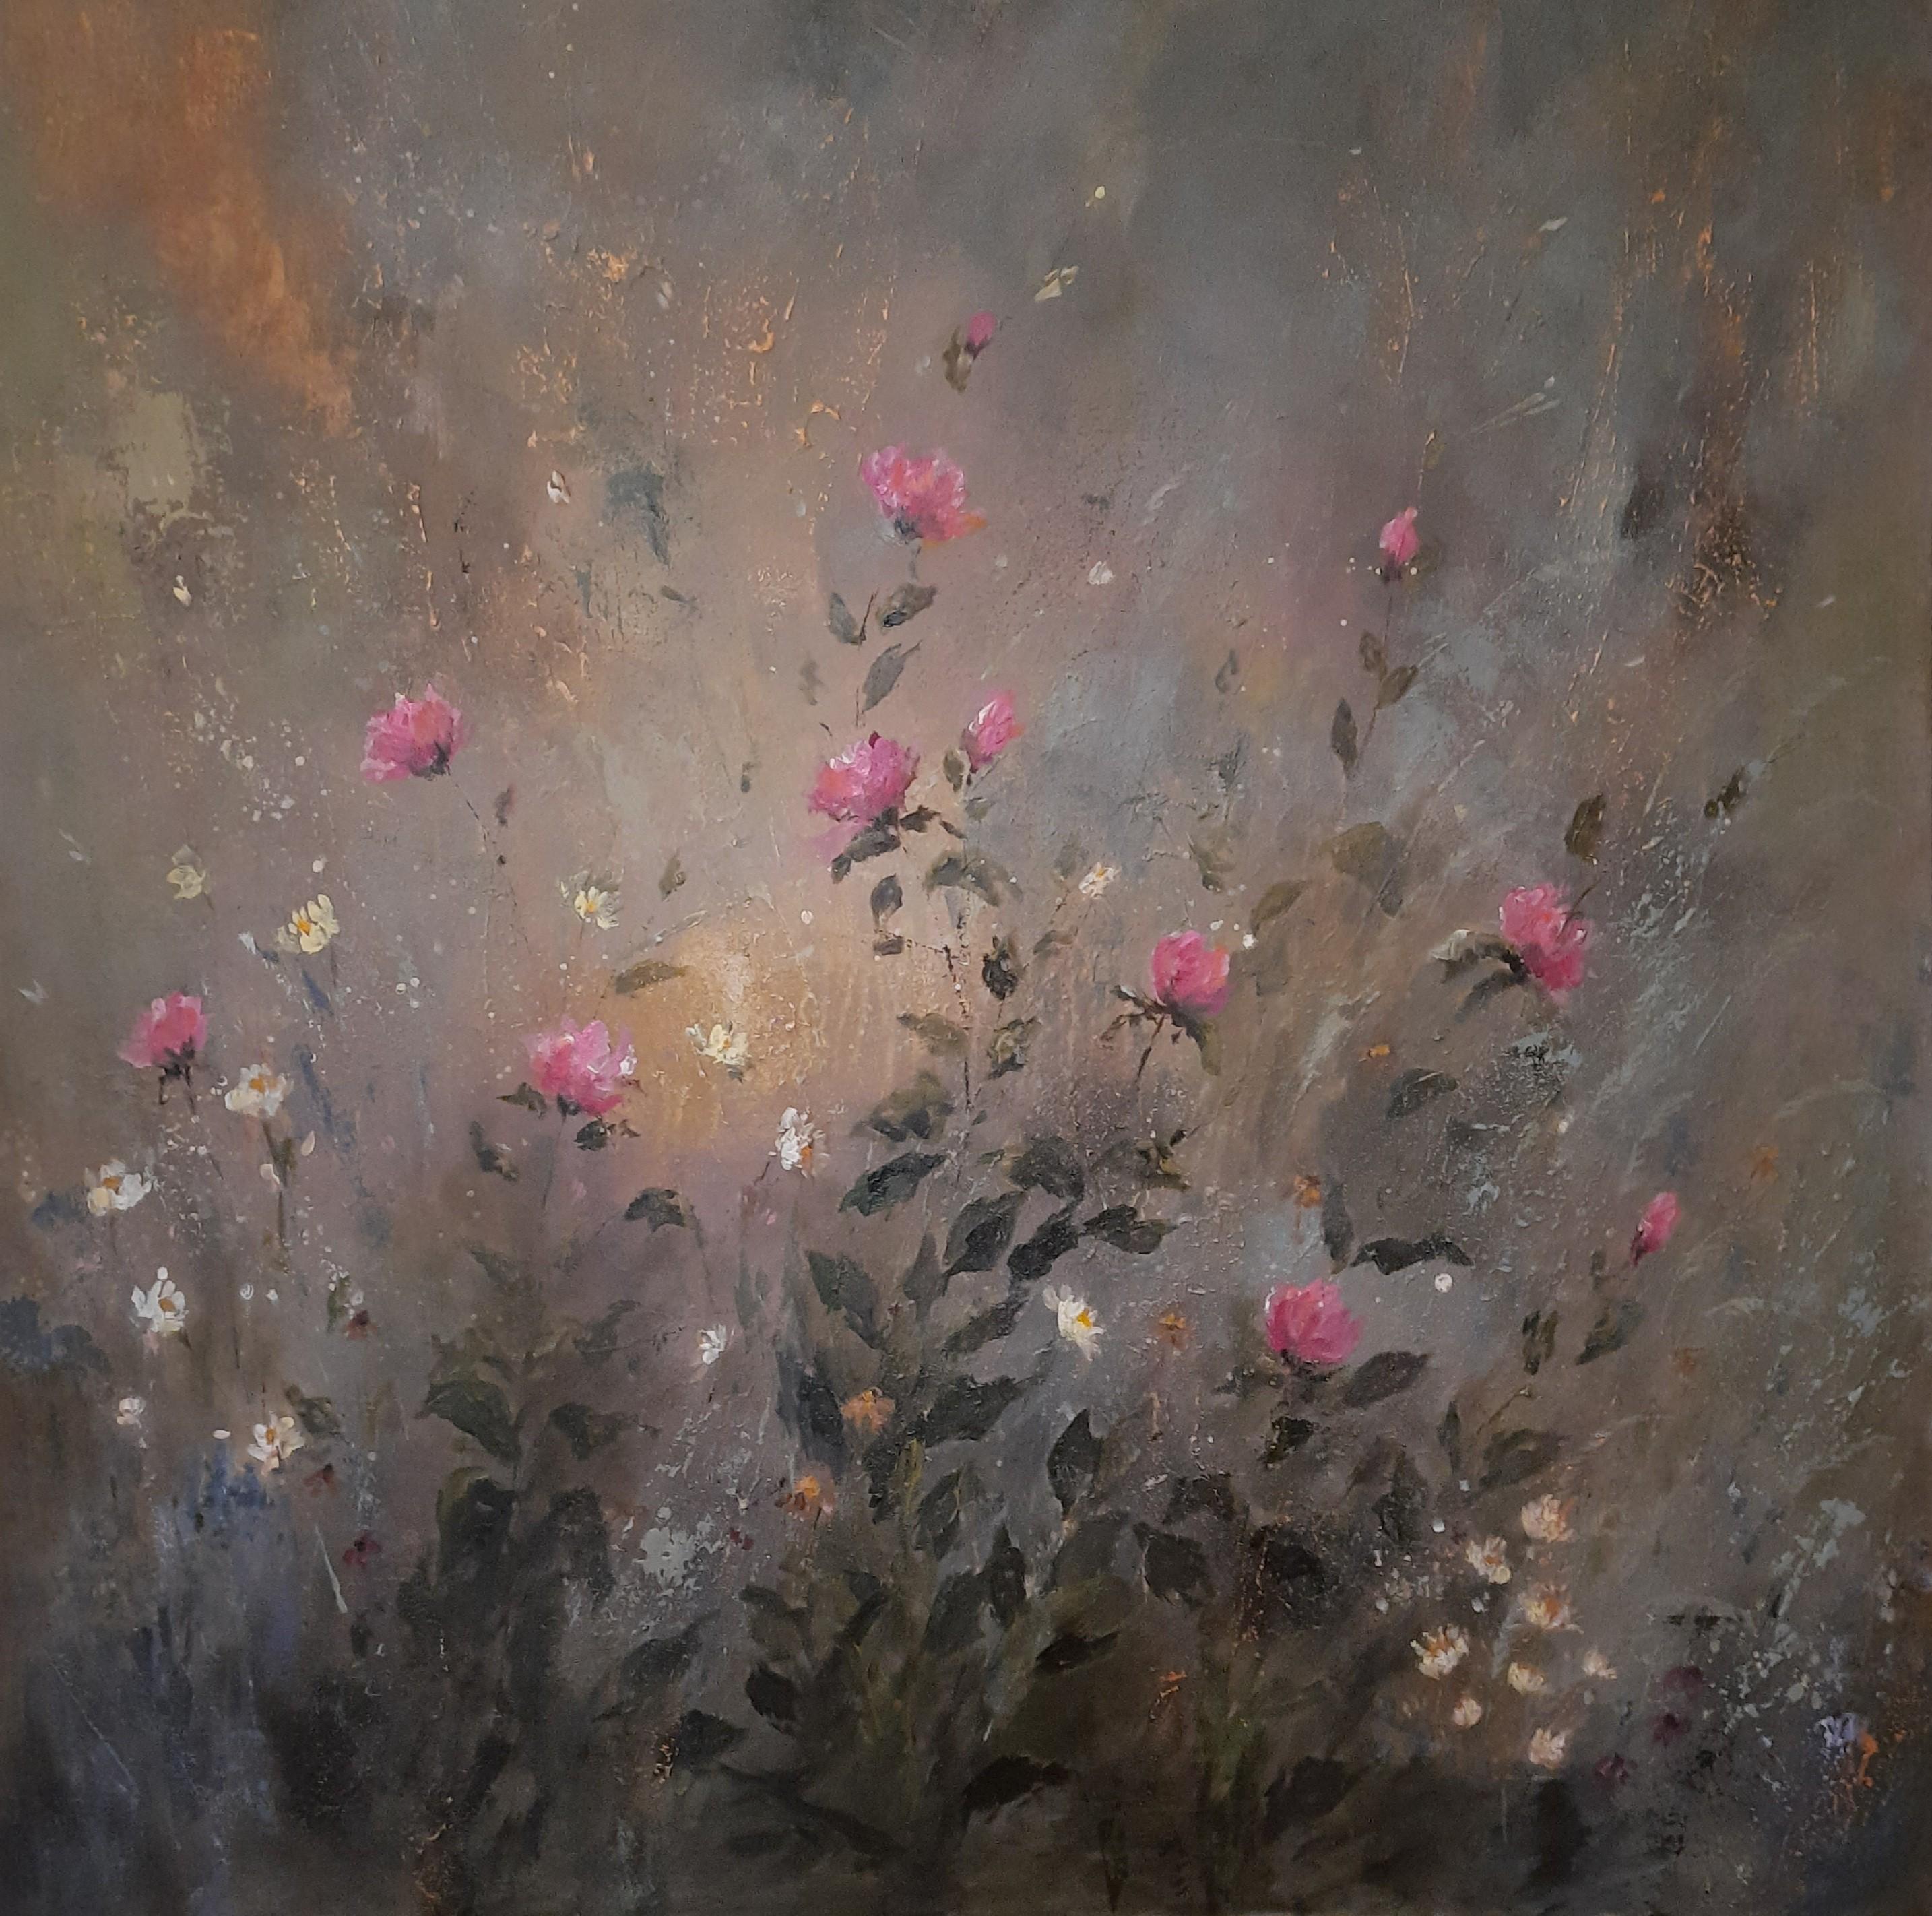 Wild bloomers 2 by Jean wijesekera